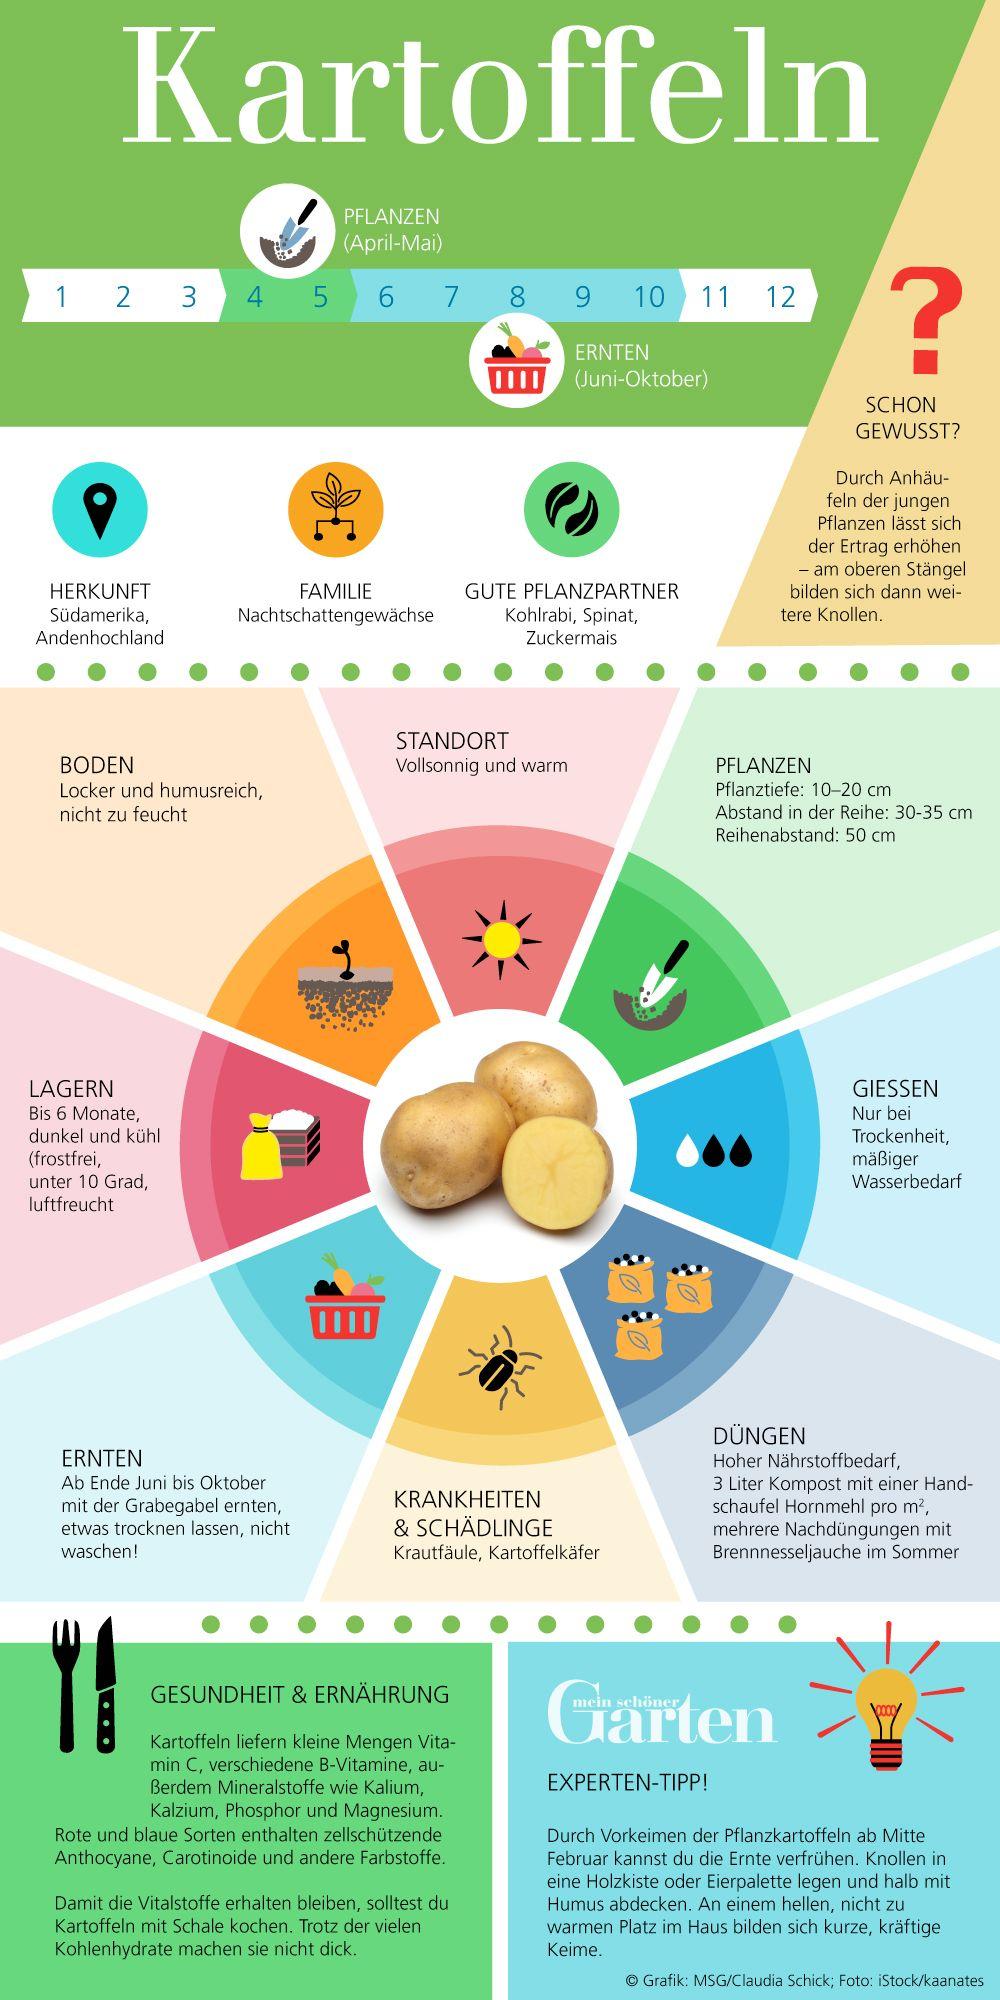 Kartoffeln: Vielseitige Knollen